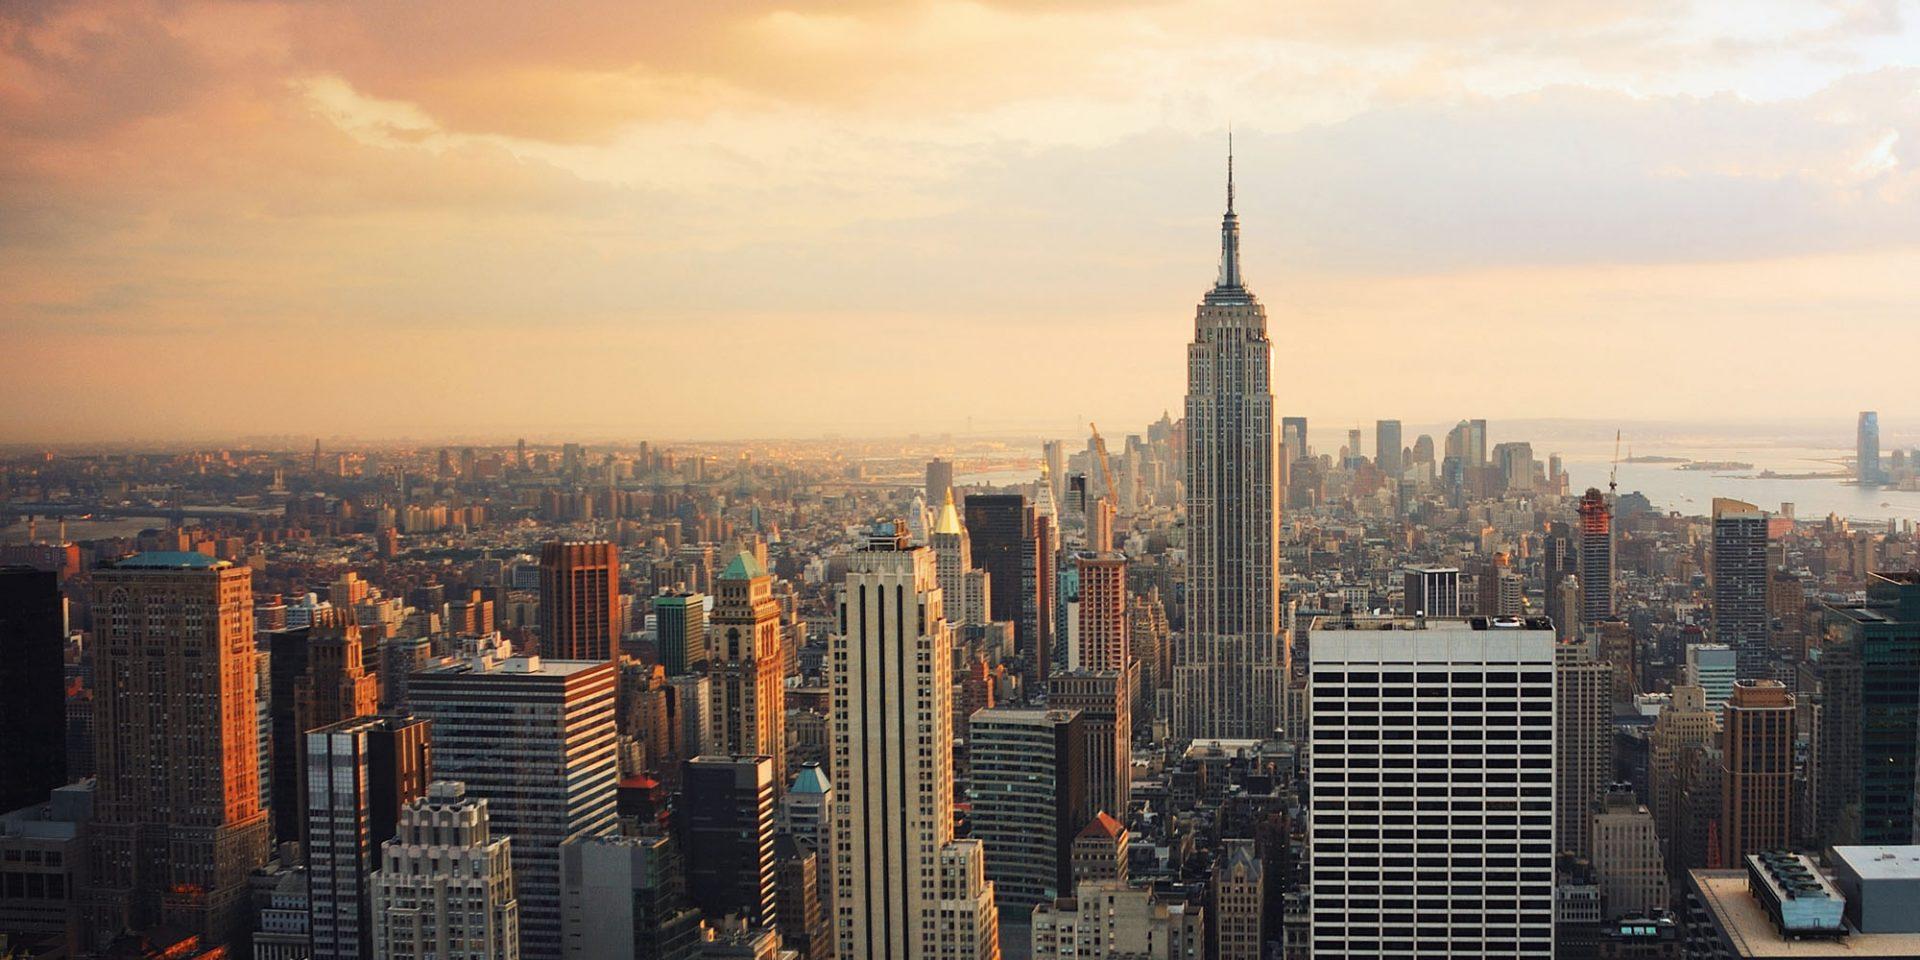 les 25 villes les plus puissantes  u00e9conomiquement au monde